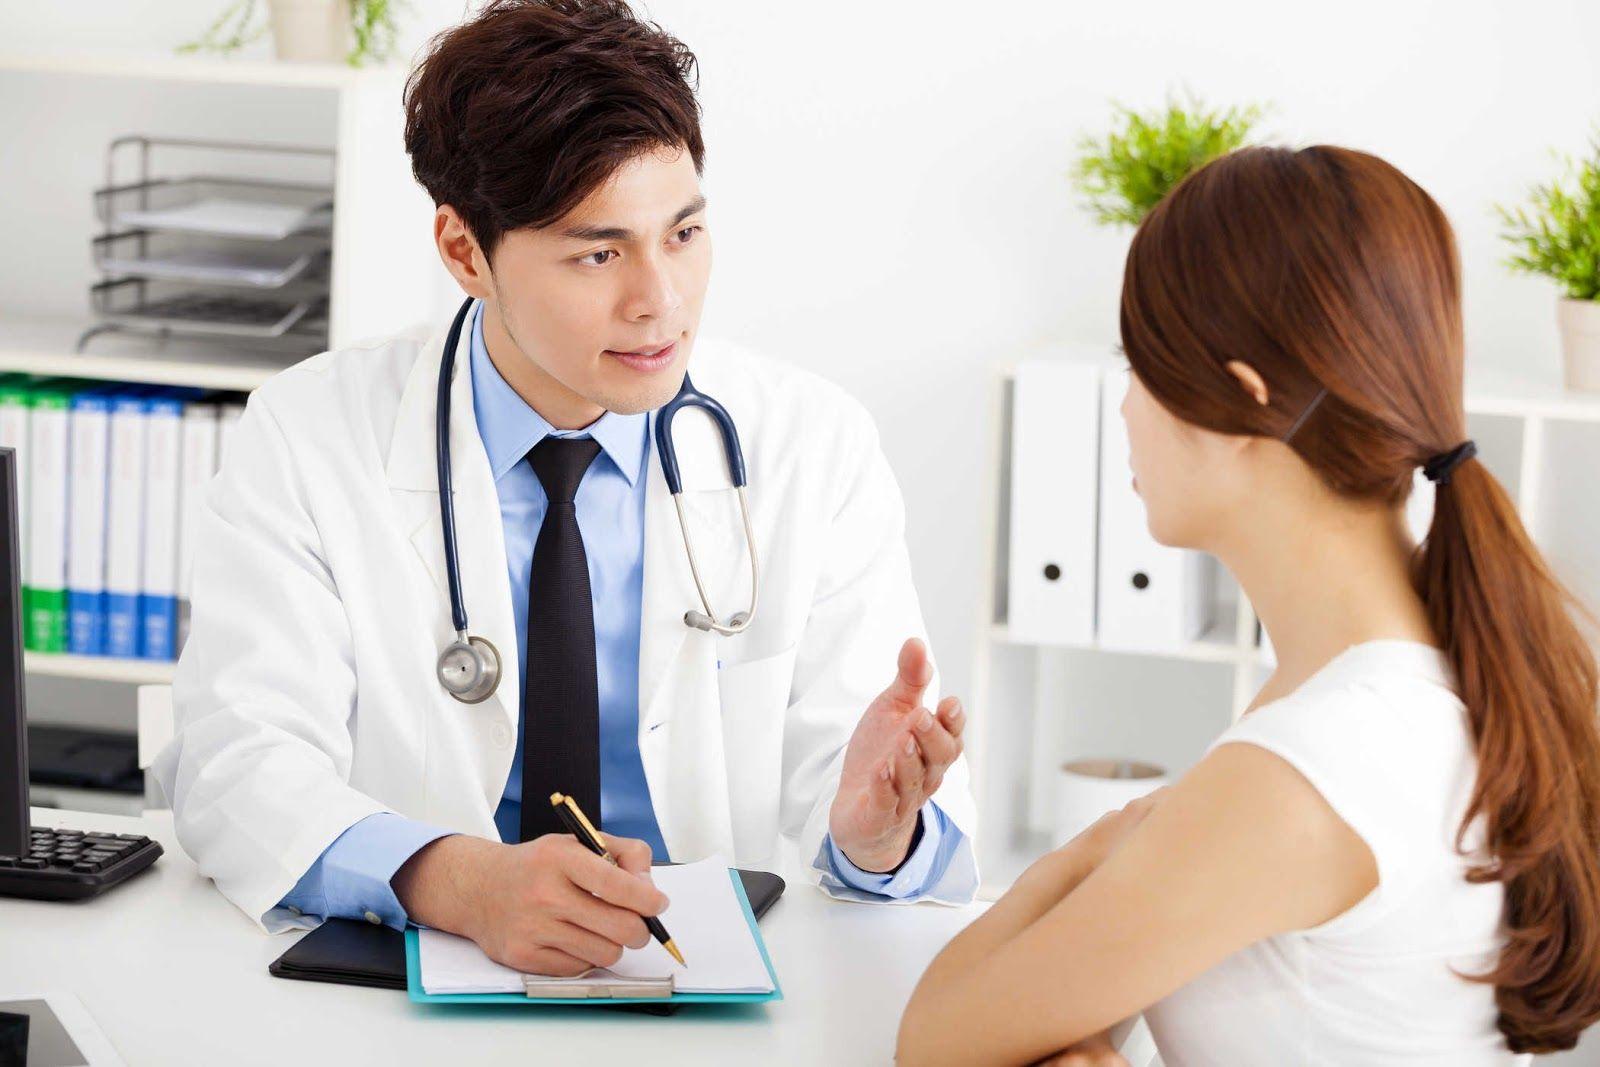 Áp dụng phương pháp điều trị nào còn phụ thuộc các thể của bệnh ung thư tuyến giáp